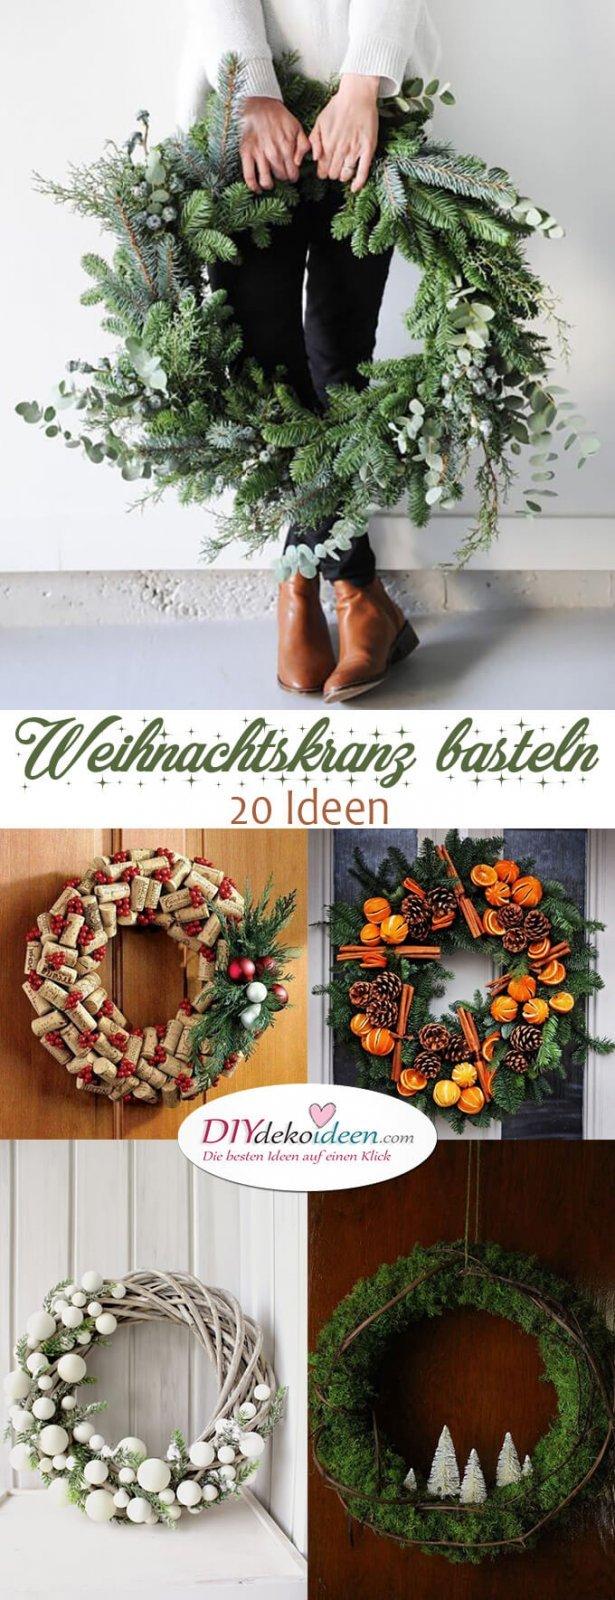 Weihnachtskranz basteln - 20 Ideen zum selbermachen - Weihnachten 2017